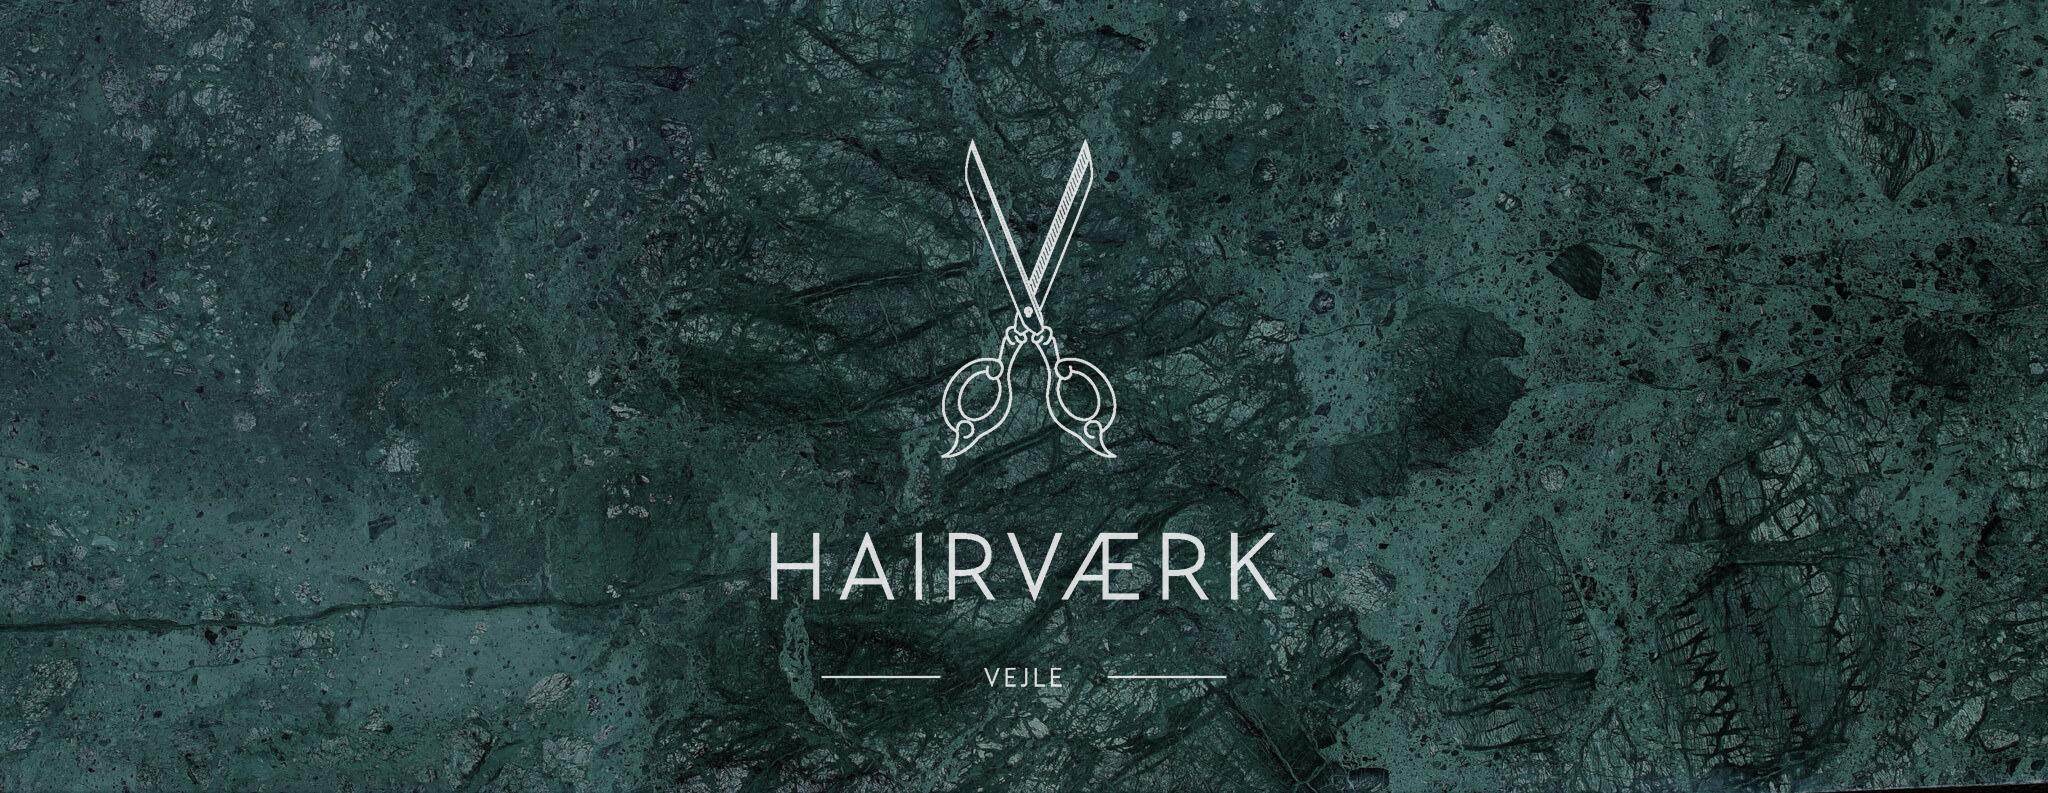 Hairværk Vejle